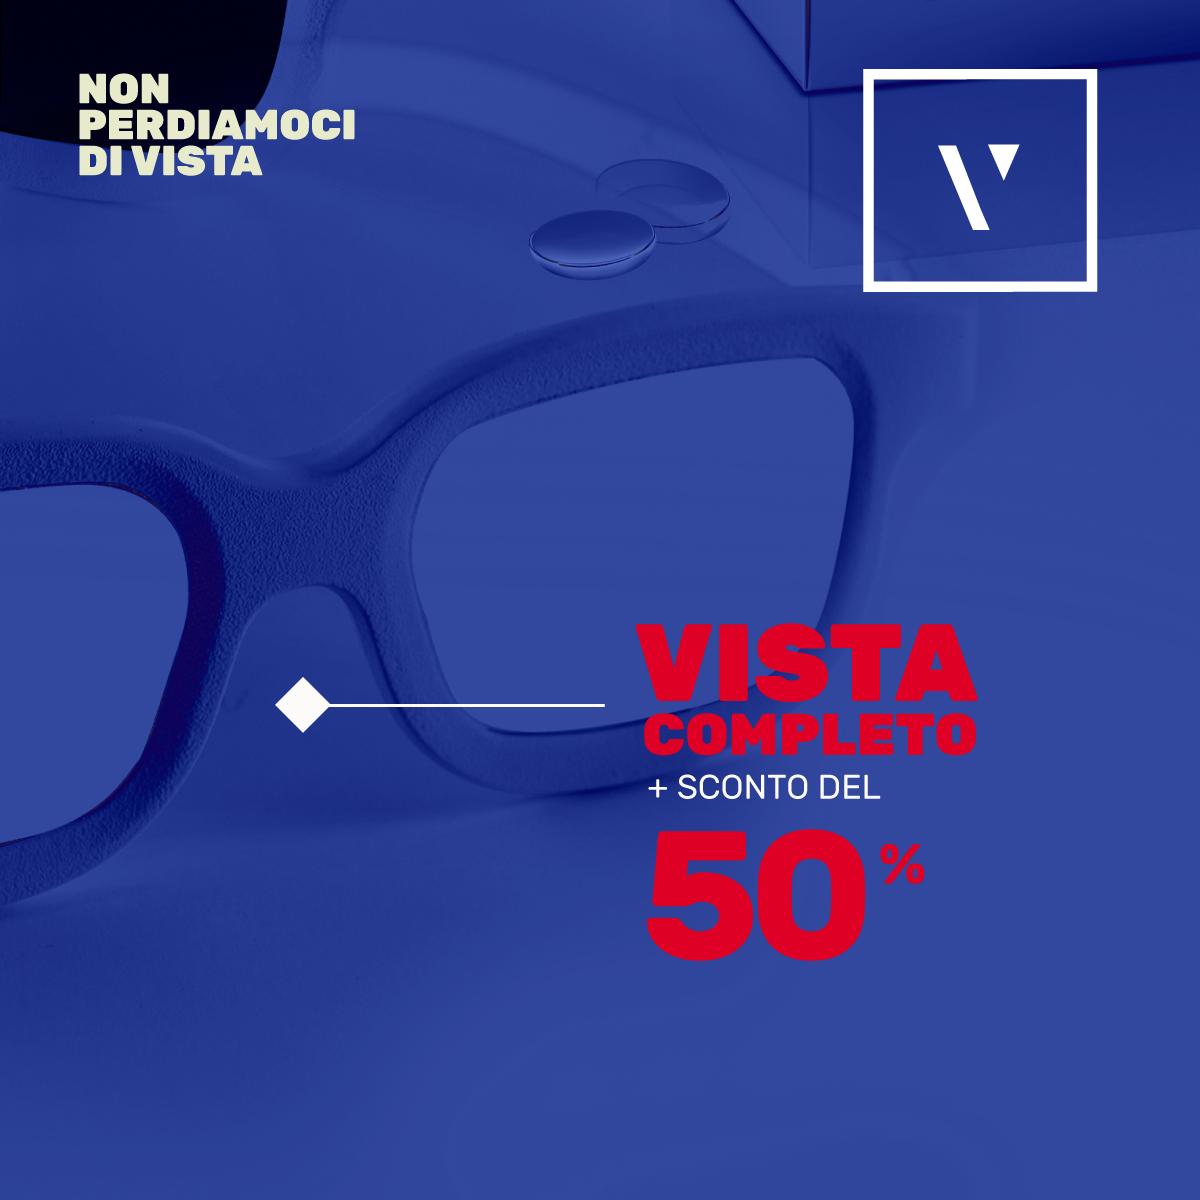 Non perdiamoci di vista promozione 2020 occhiali vista lenti sconto progettovista idee per i tuoi occhi